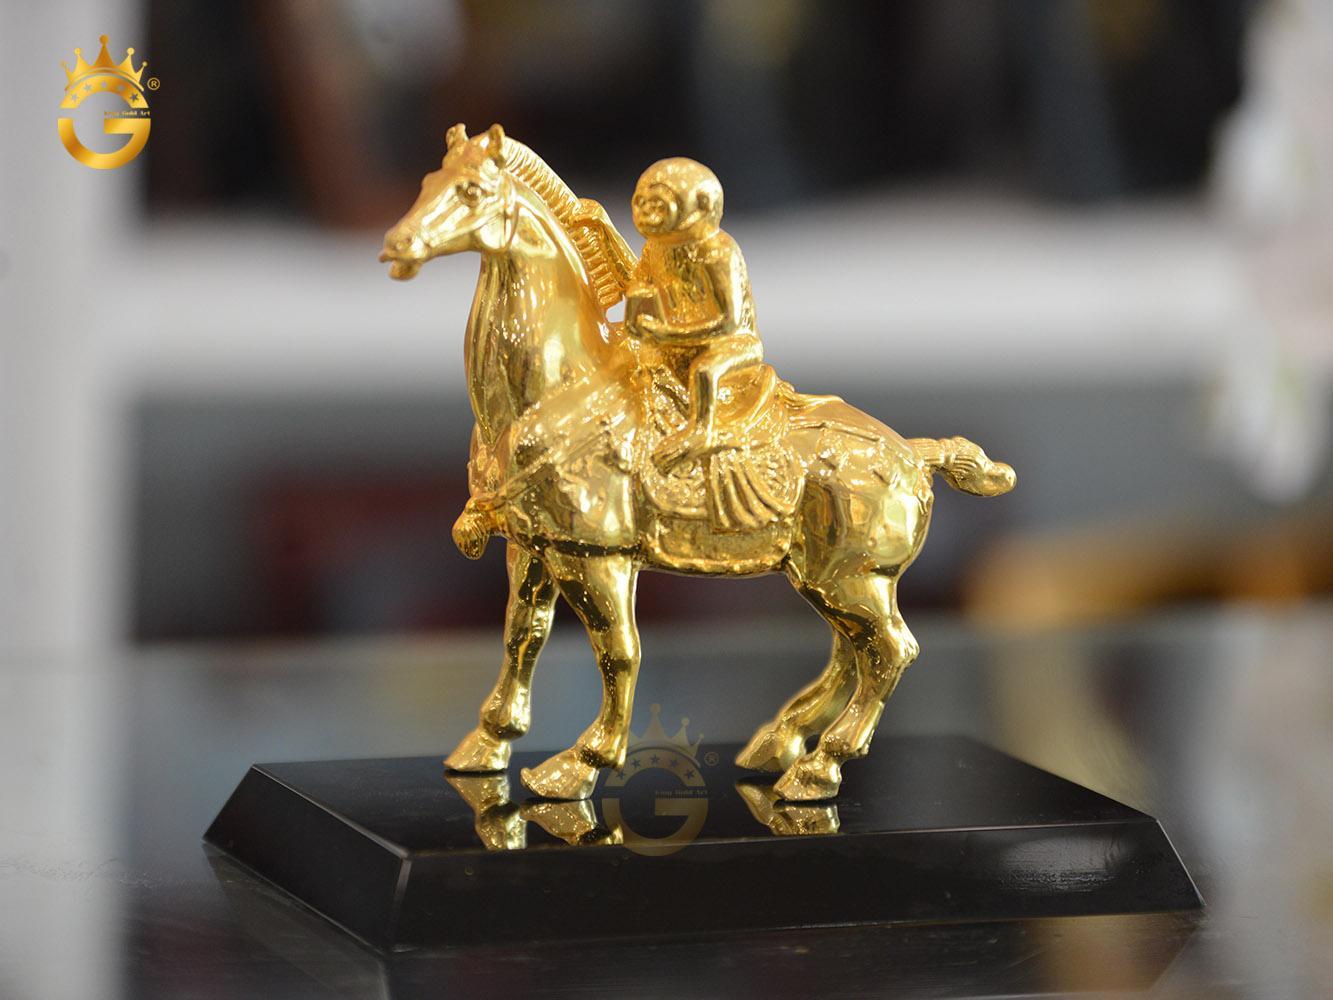 Tượng mã thượng phong hầu mạ vàng 24k- quà tặng linh vật phong thủy0